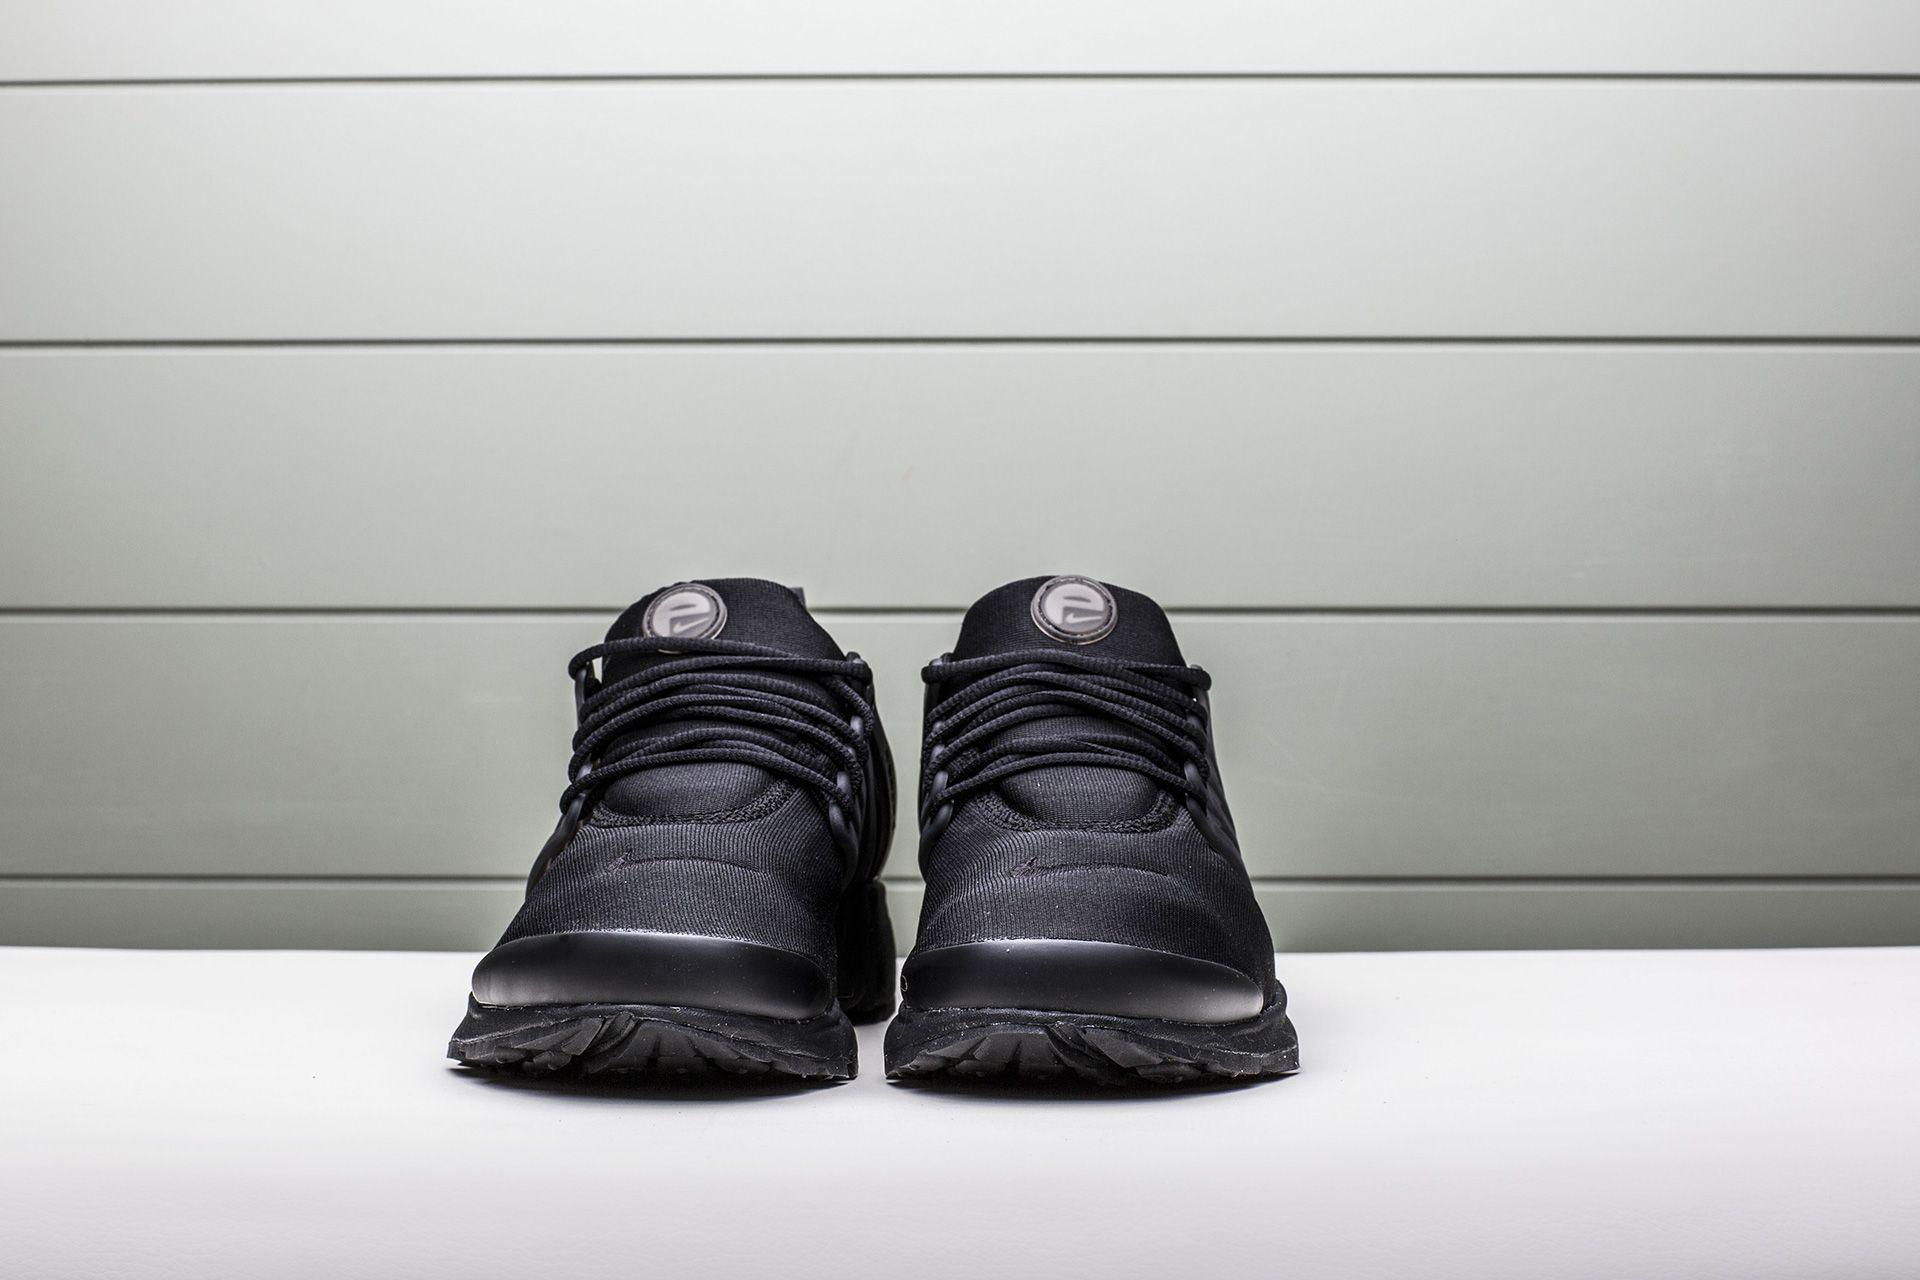 5e22f34d ... Купить мужские черные кроссовки Nike Air Presto Essential - фото 2  картинки ...